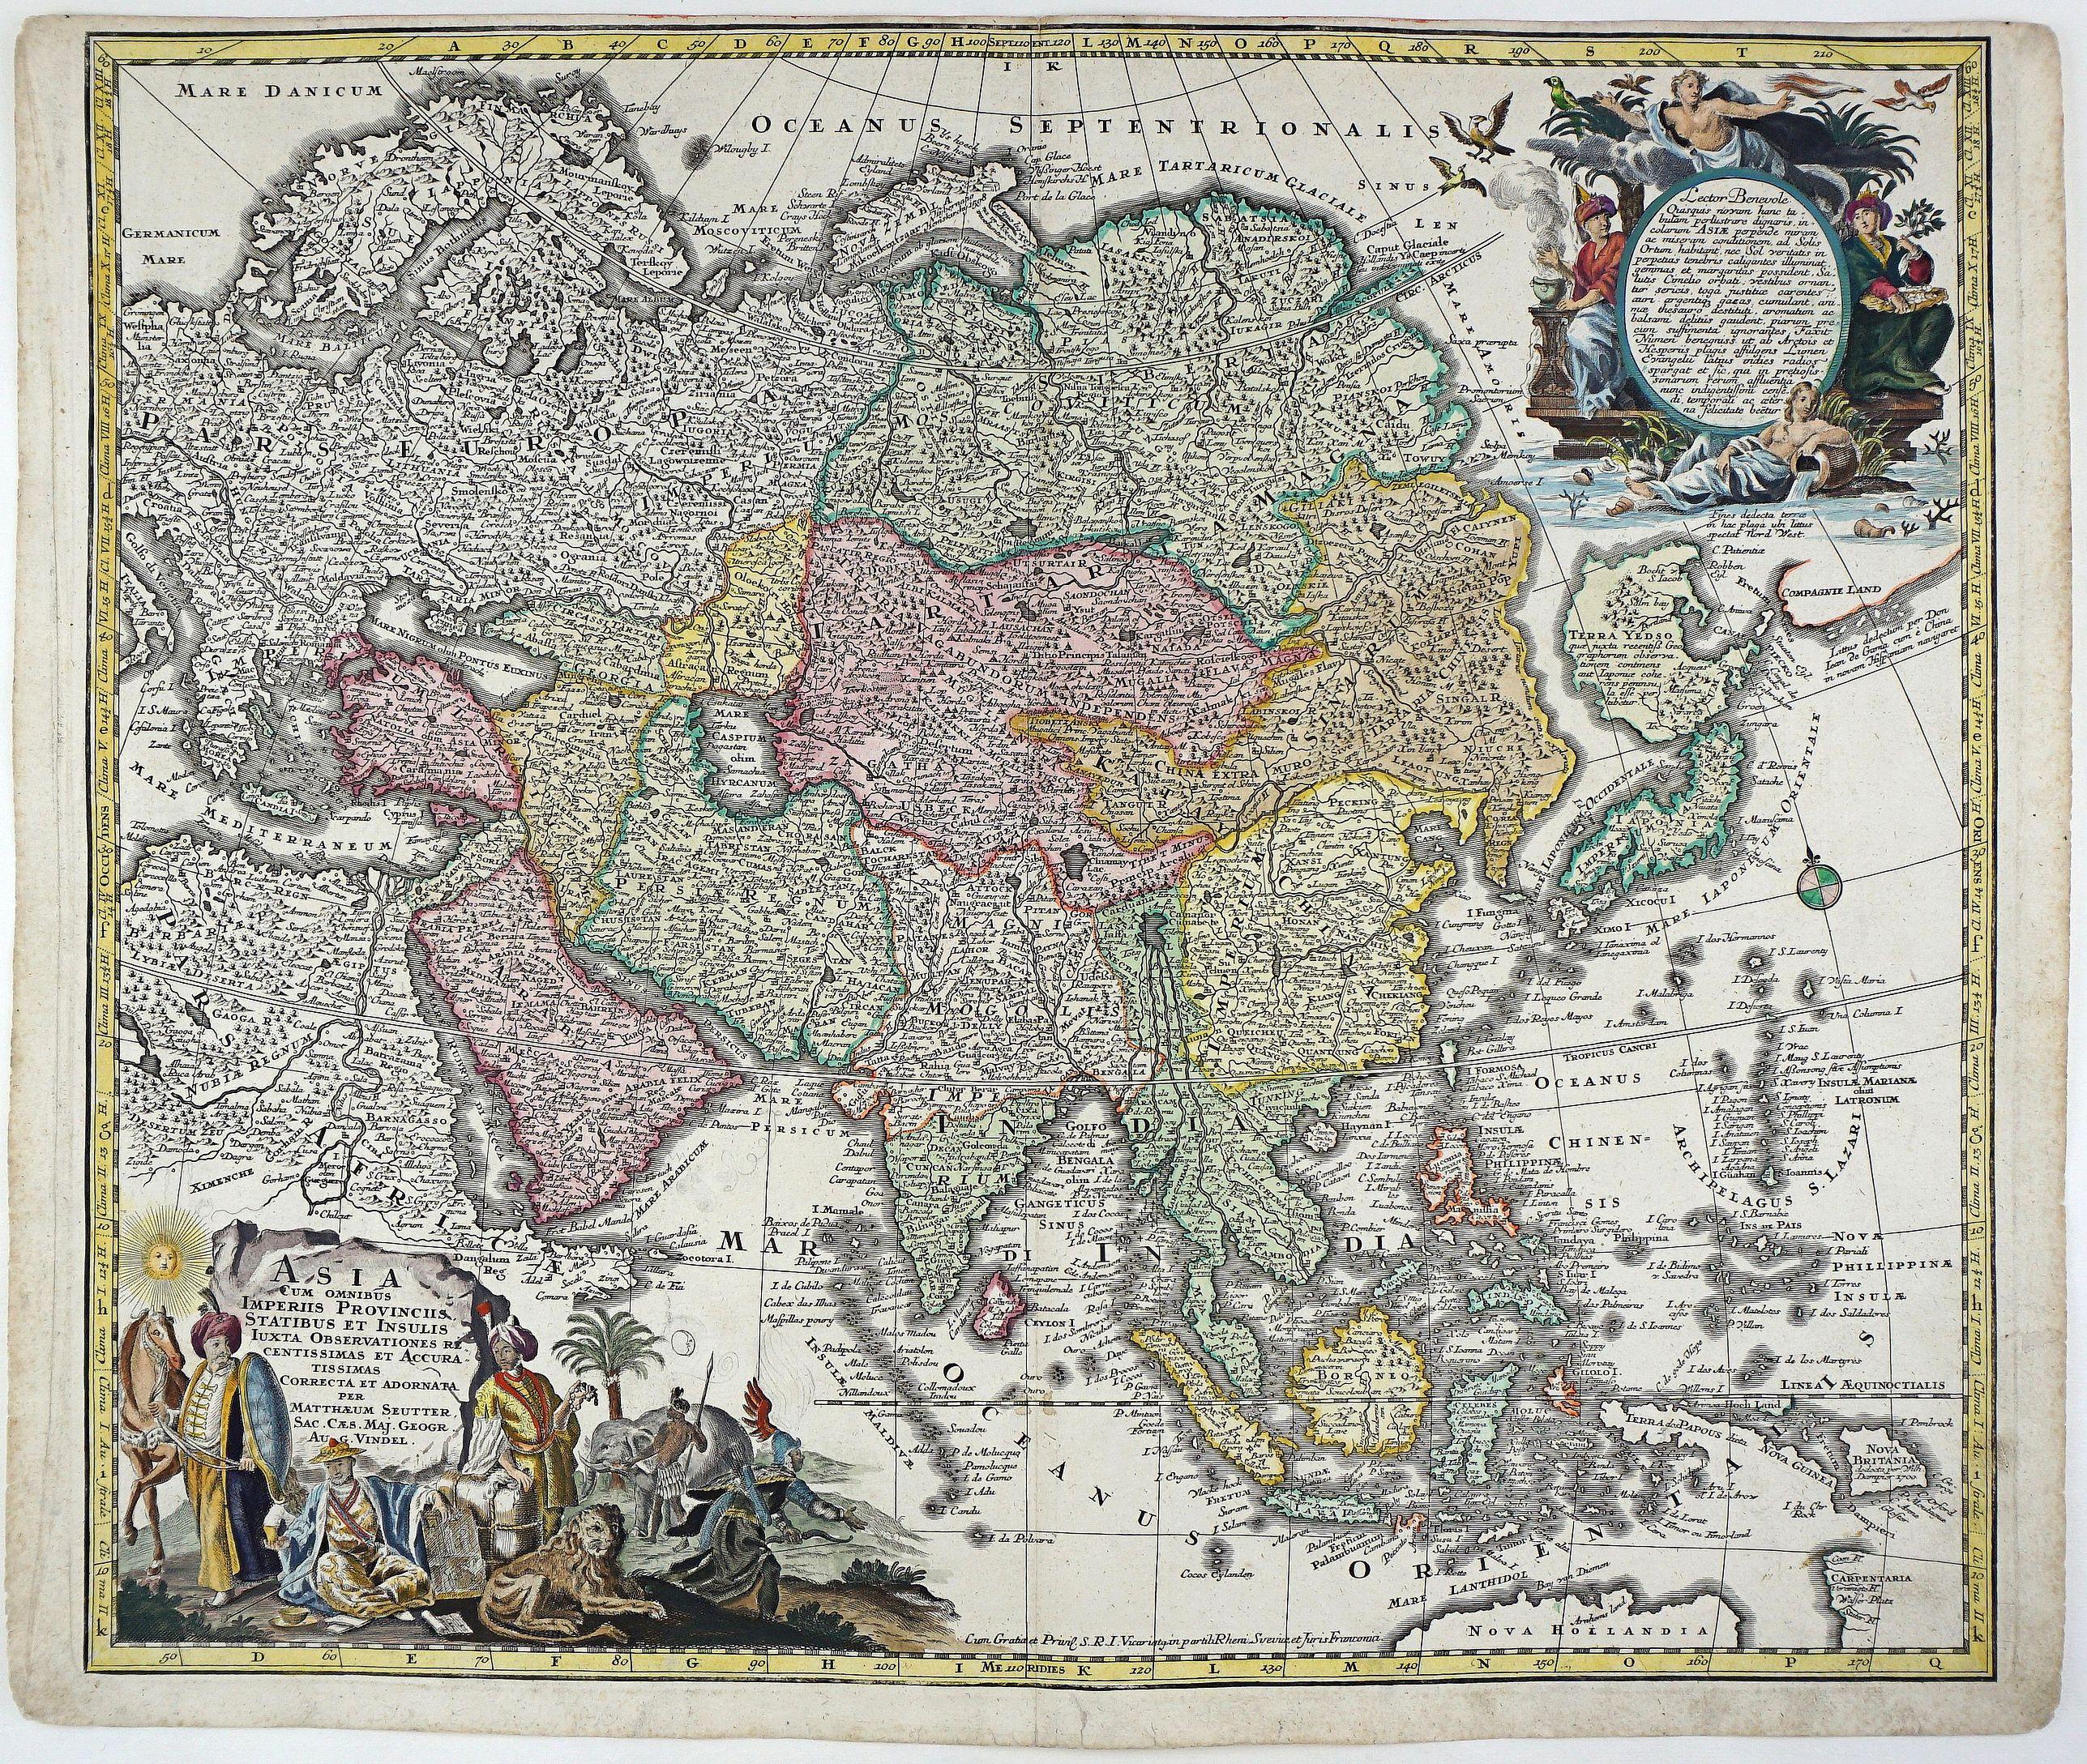 SEUTTER, M. - Asia Cum Omnibus Imperiis Provinciis Statibus et Insulis Iuxta Observationes Recentissimas et Accuratissimas Correcte et Adornata. . .